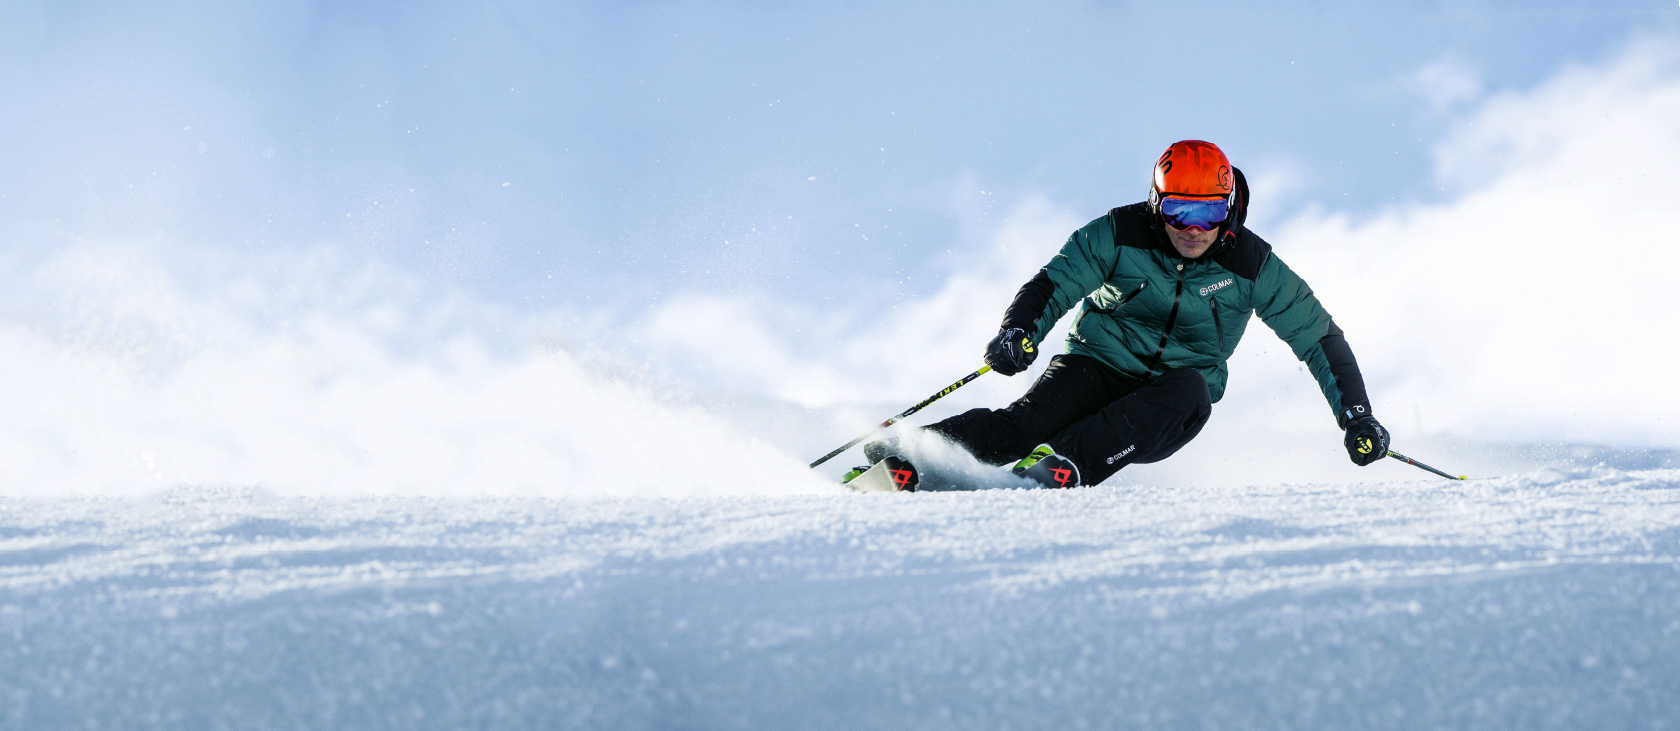 Nuovi arrivi abbigliamento sci e snowboard: approfitta del 40% di sconto